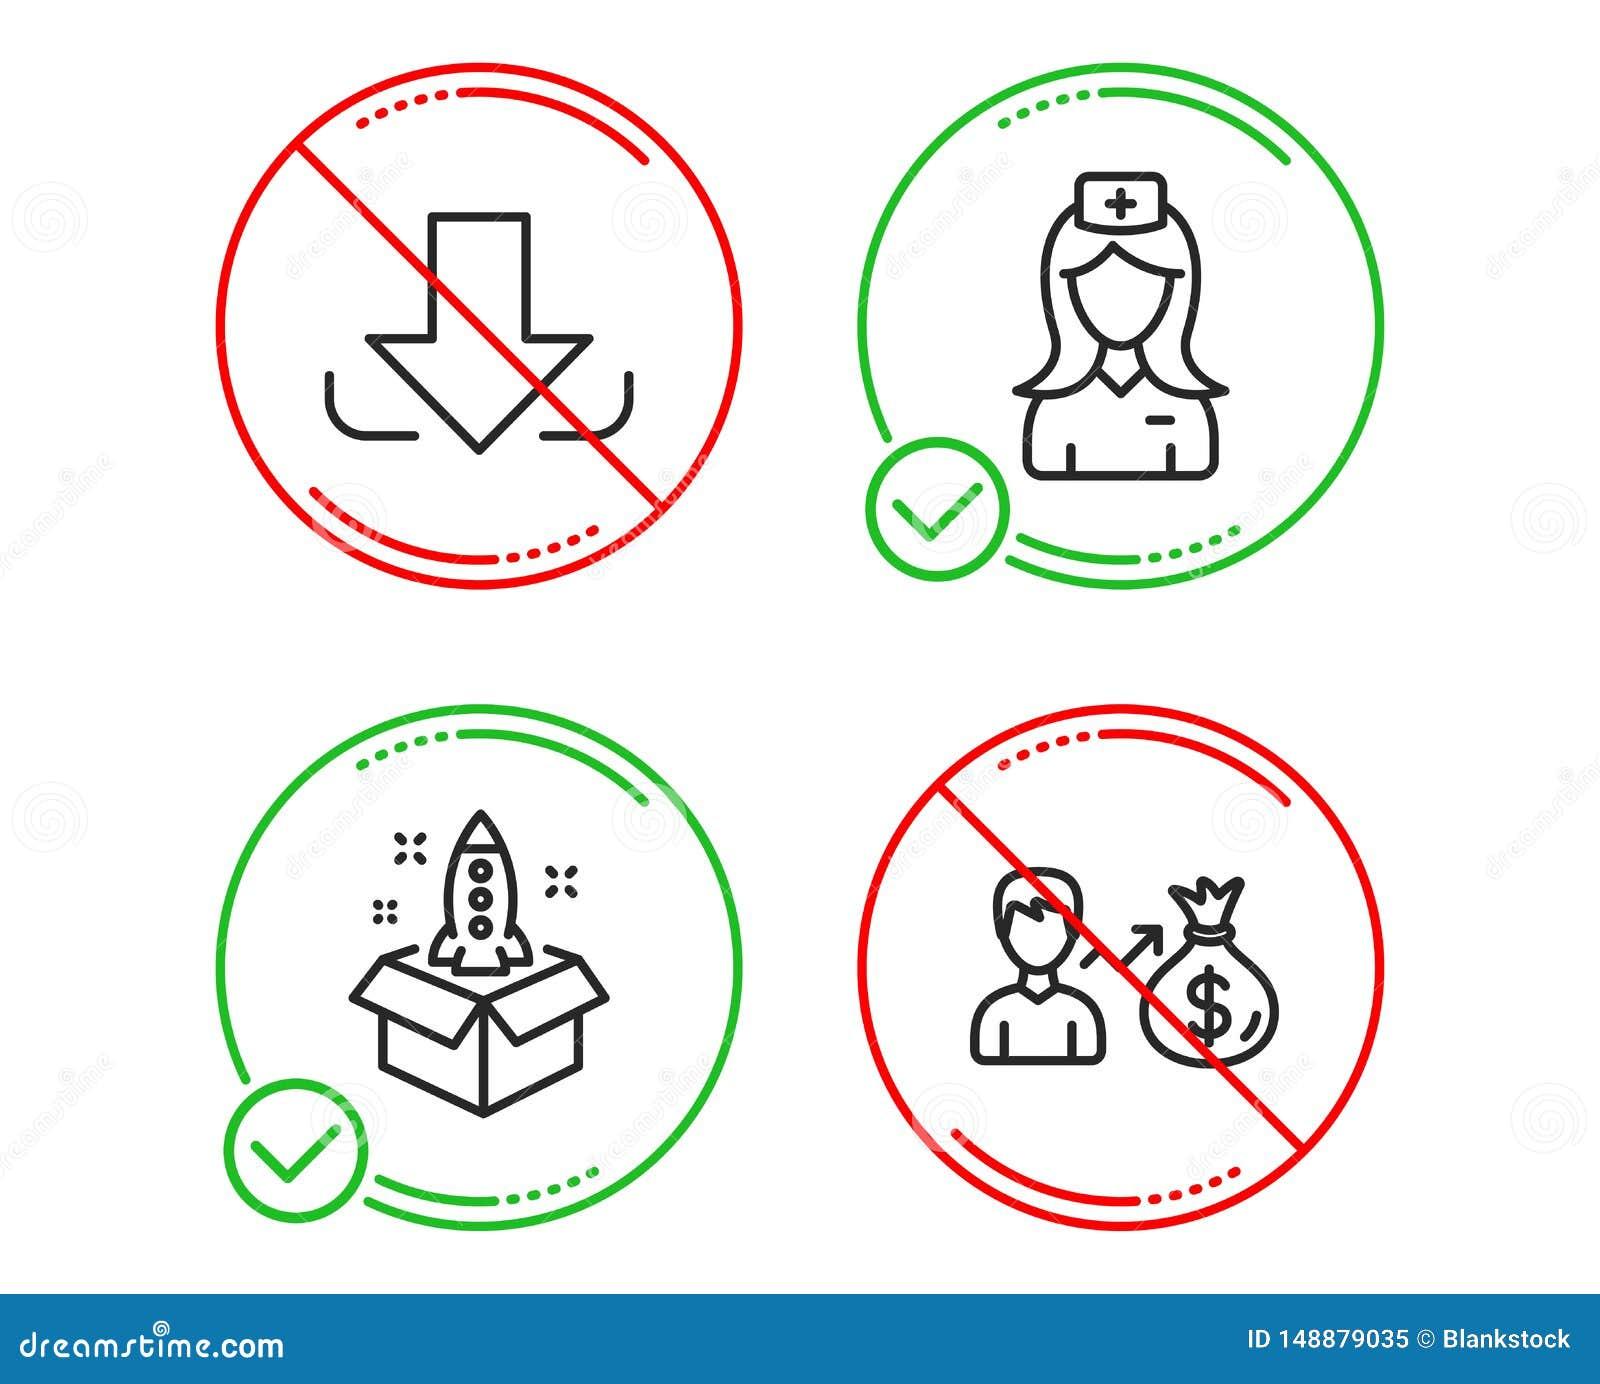 Download, het Ziekenhuisverpleegster en geplaatste Startpictogrammen Sallaryteken Ladingsdossier, Medische medewerker, Innovatie